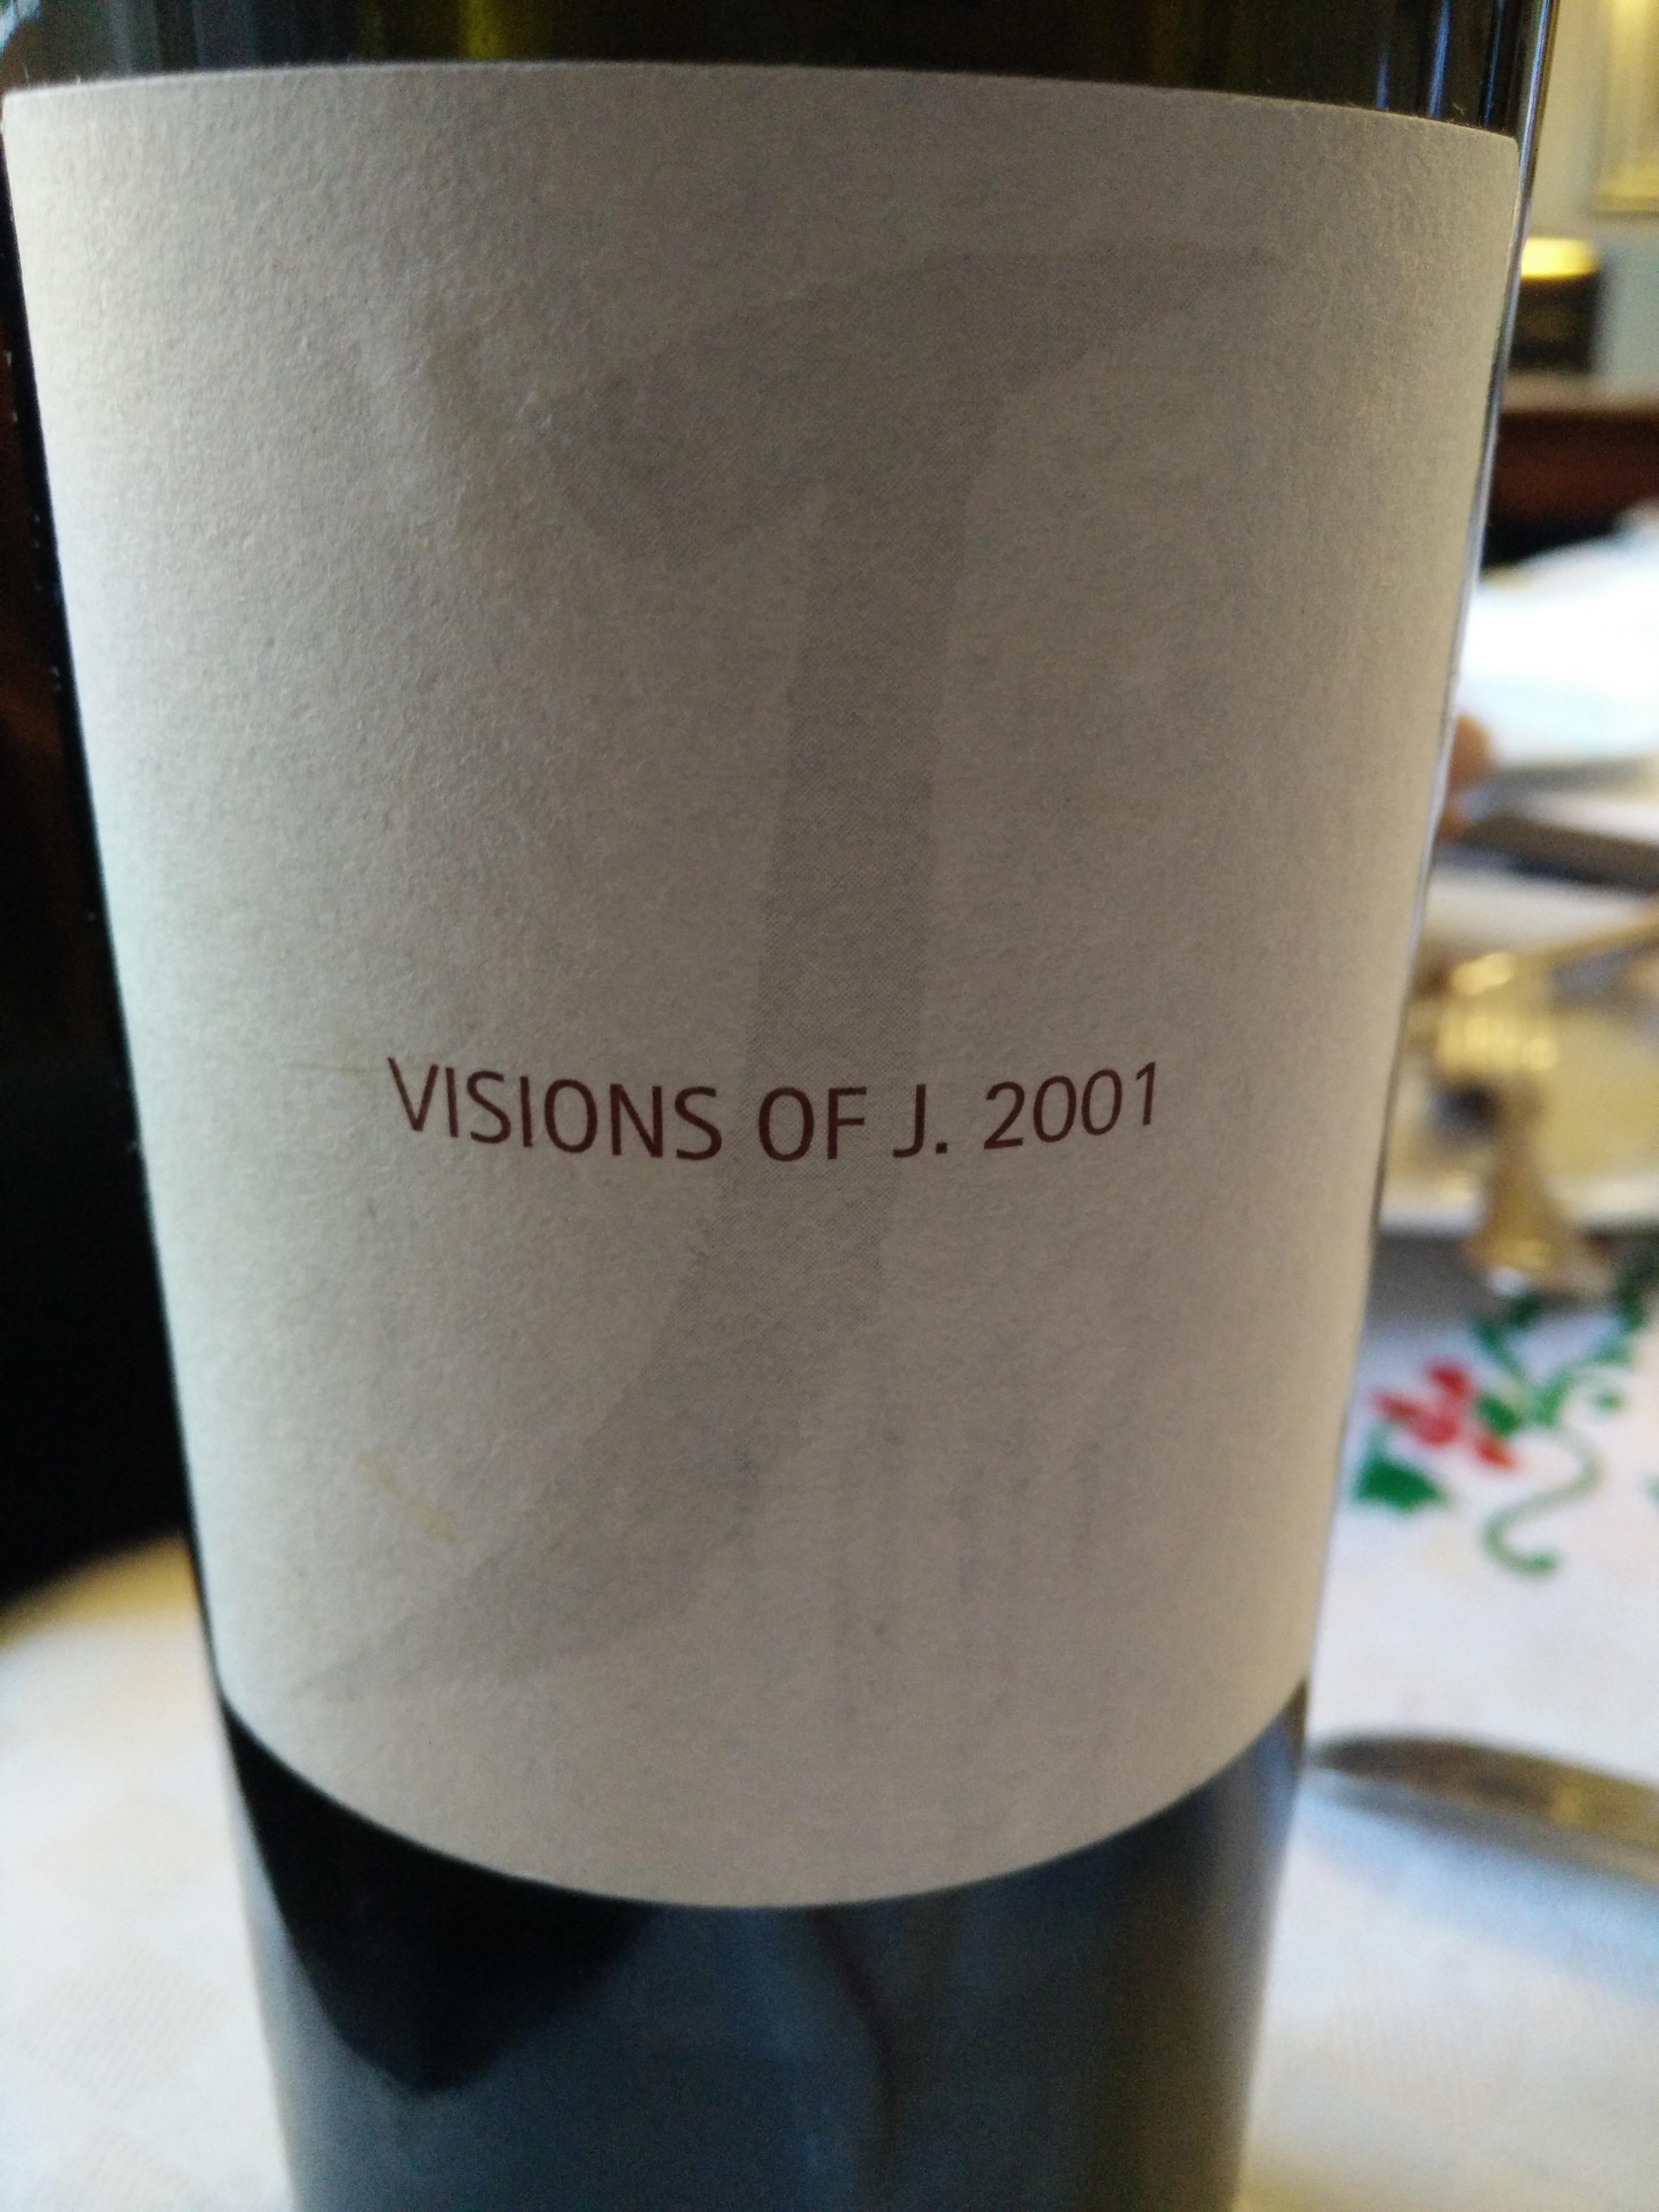 Rosso Conero Vision of J 2001, Fattoria Le Terrazze - Slowine